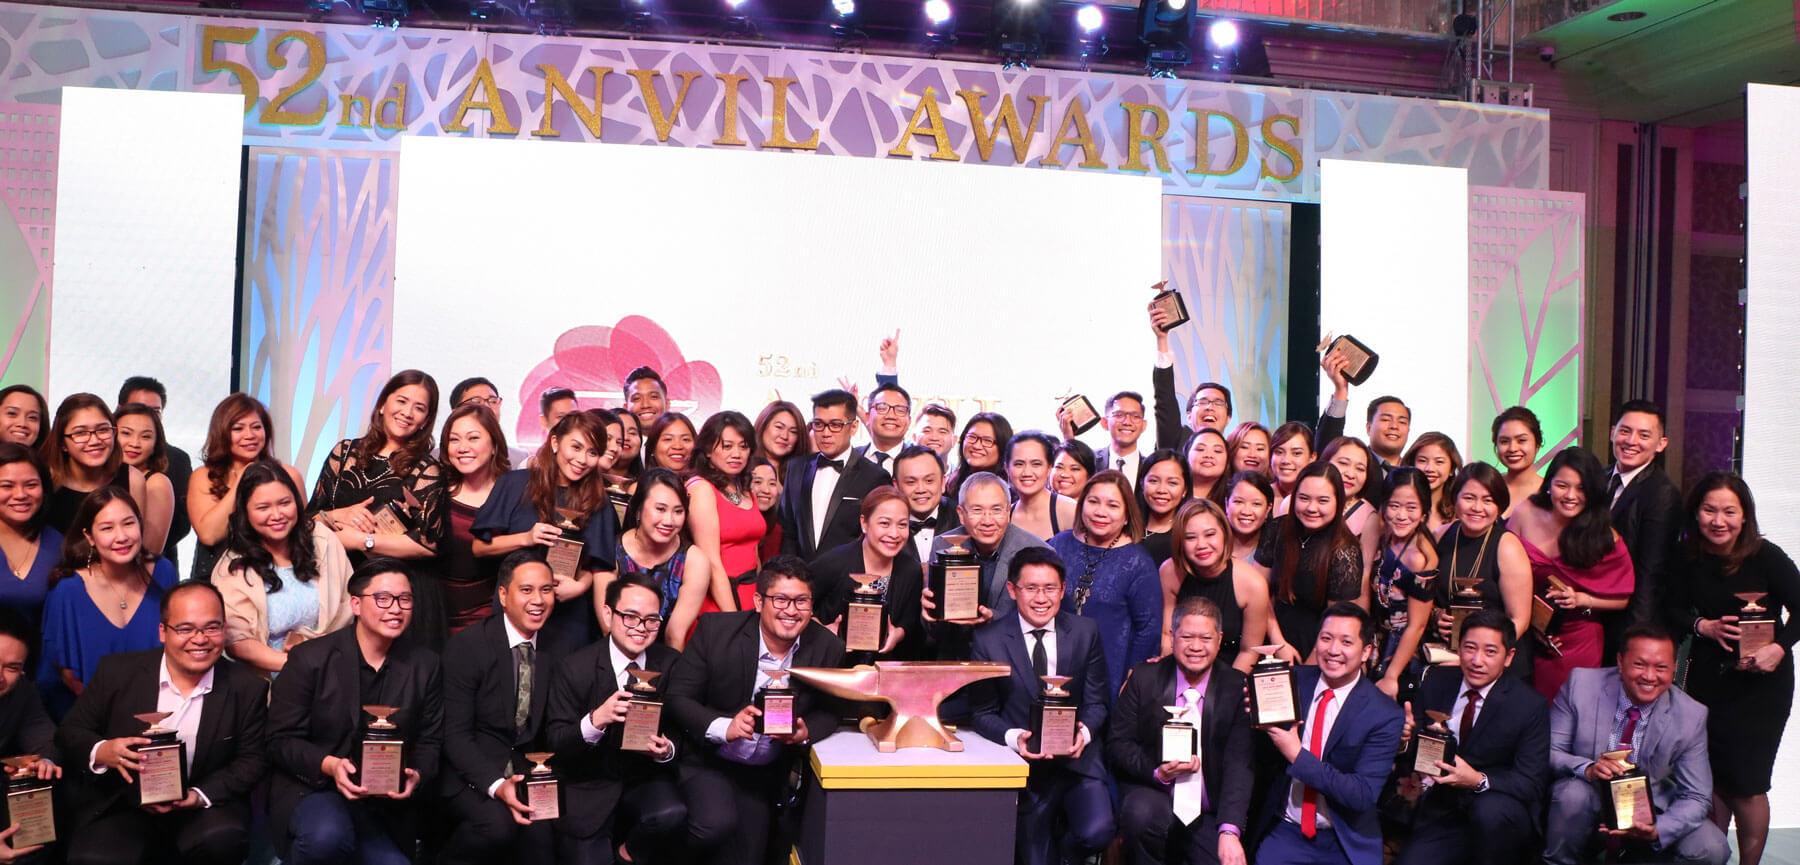 Smart Anvil award